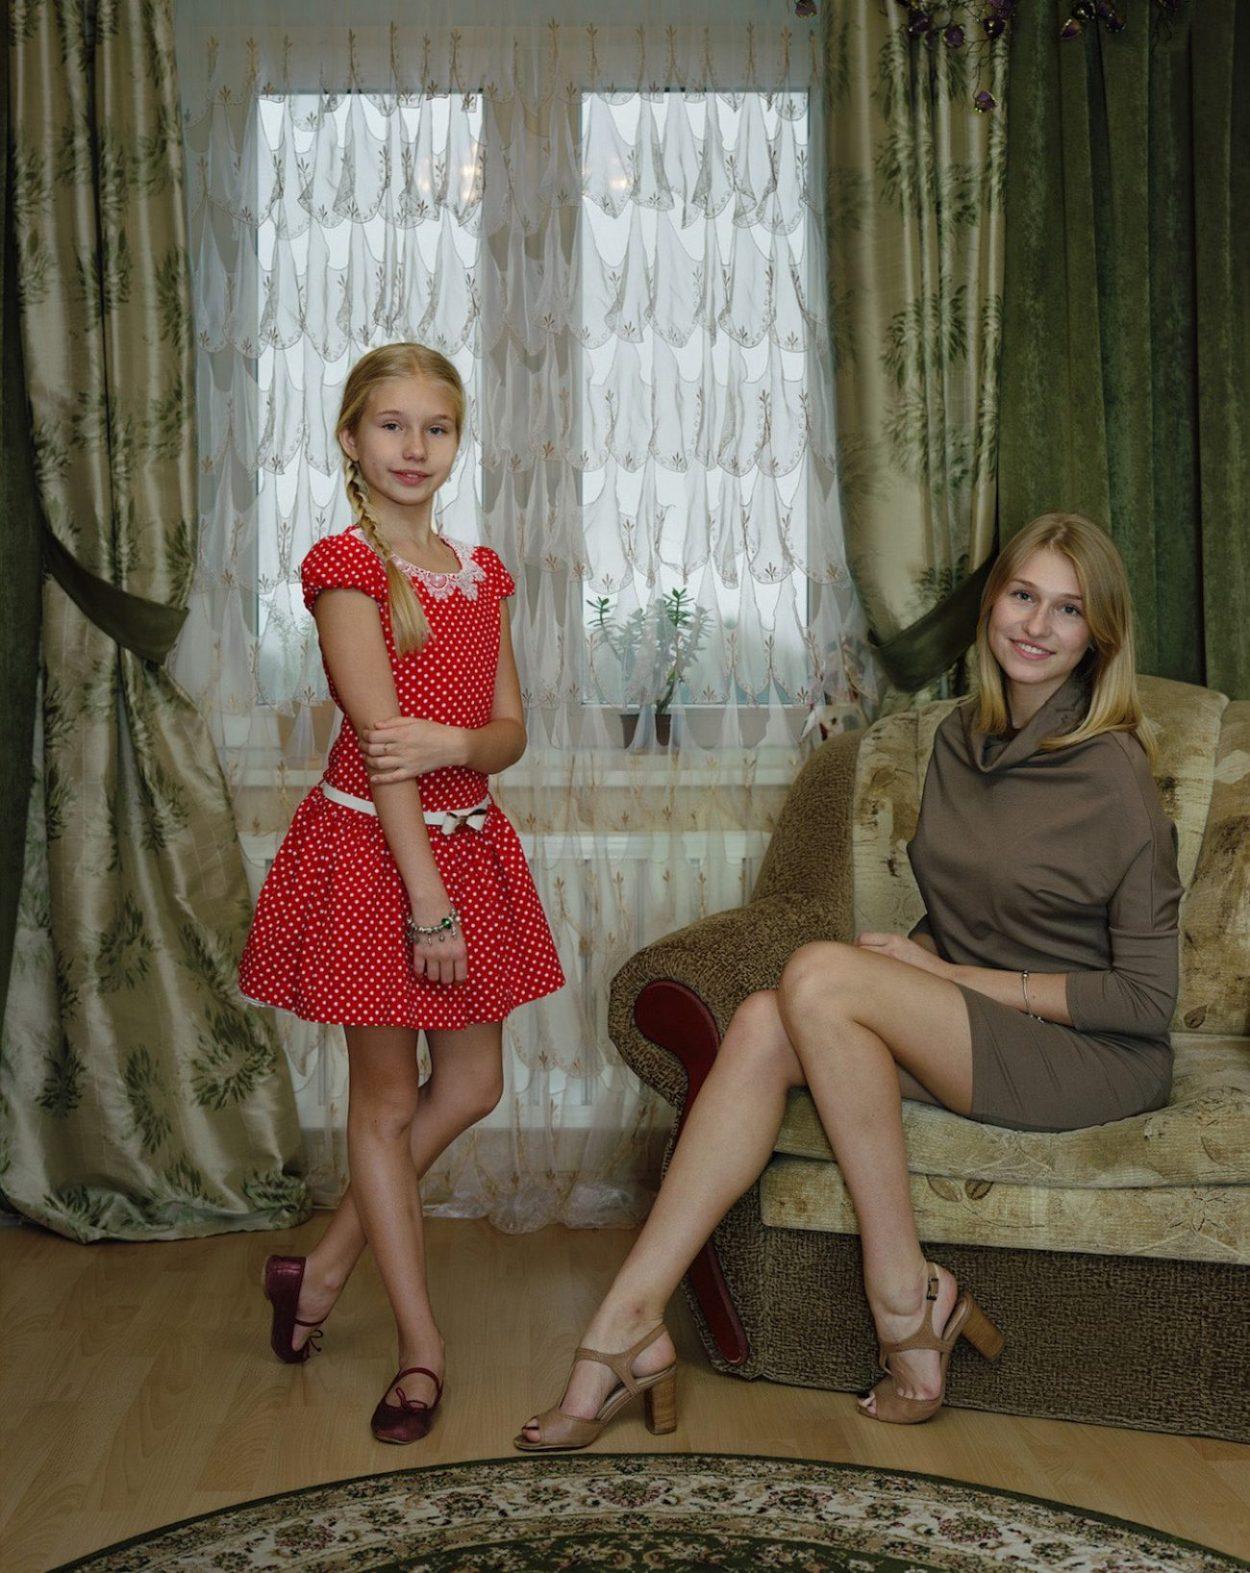 Dijkstra-Marianna and Sasha Kingisepp Russia november 2 2014